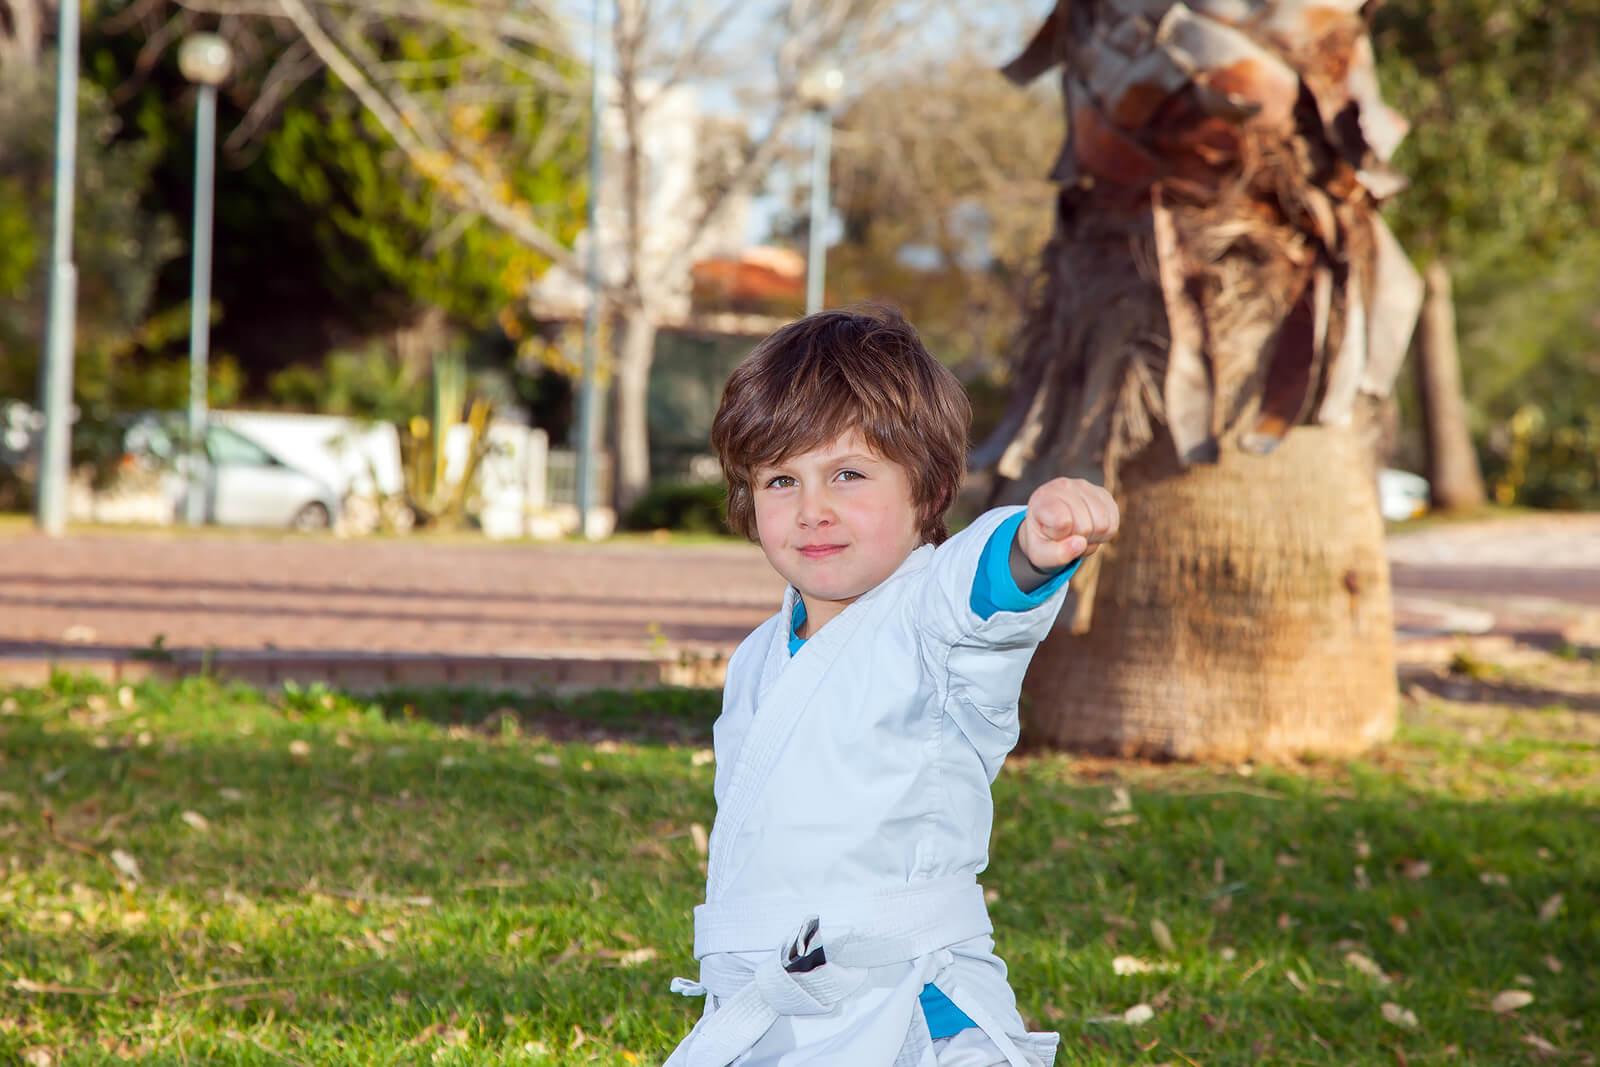 Niño practicando judo, uno de los mejores deportes para niños.